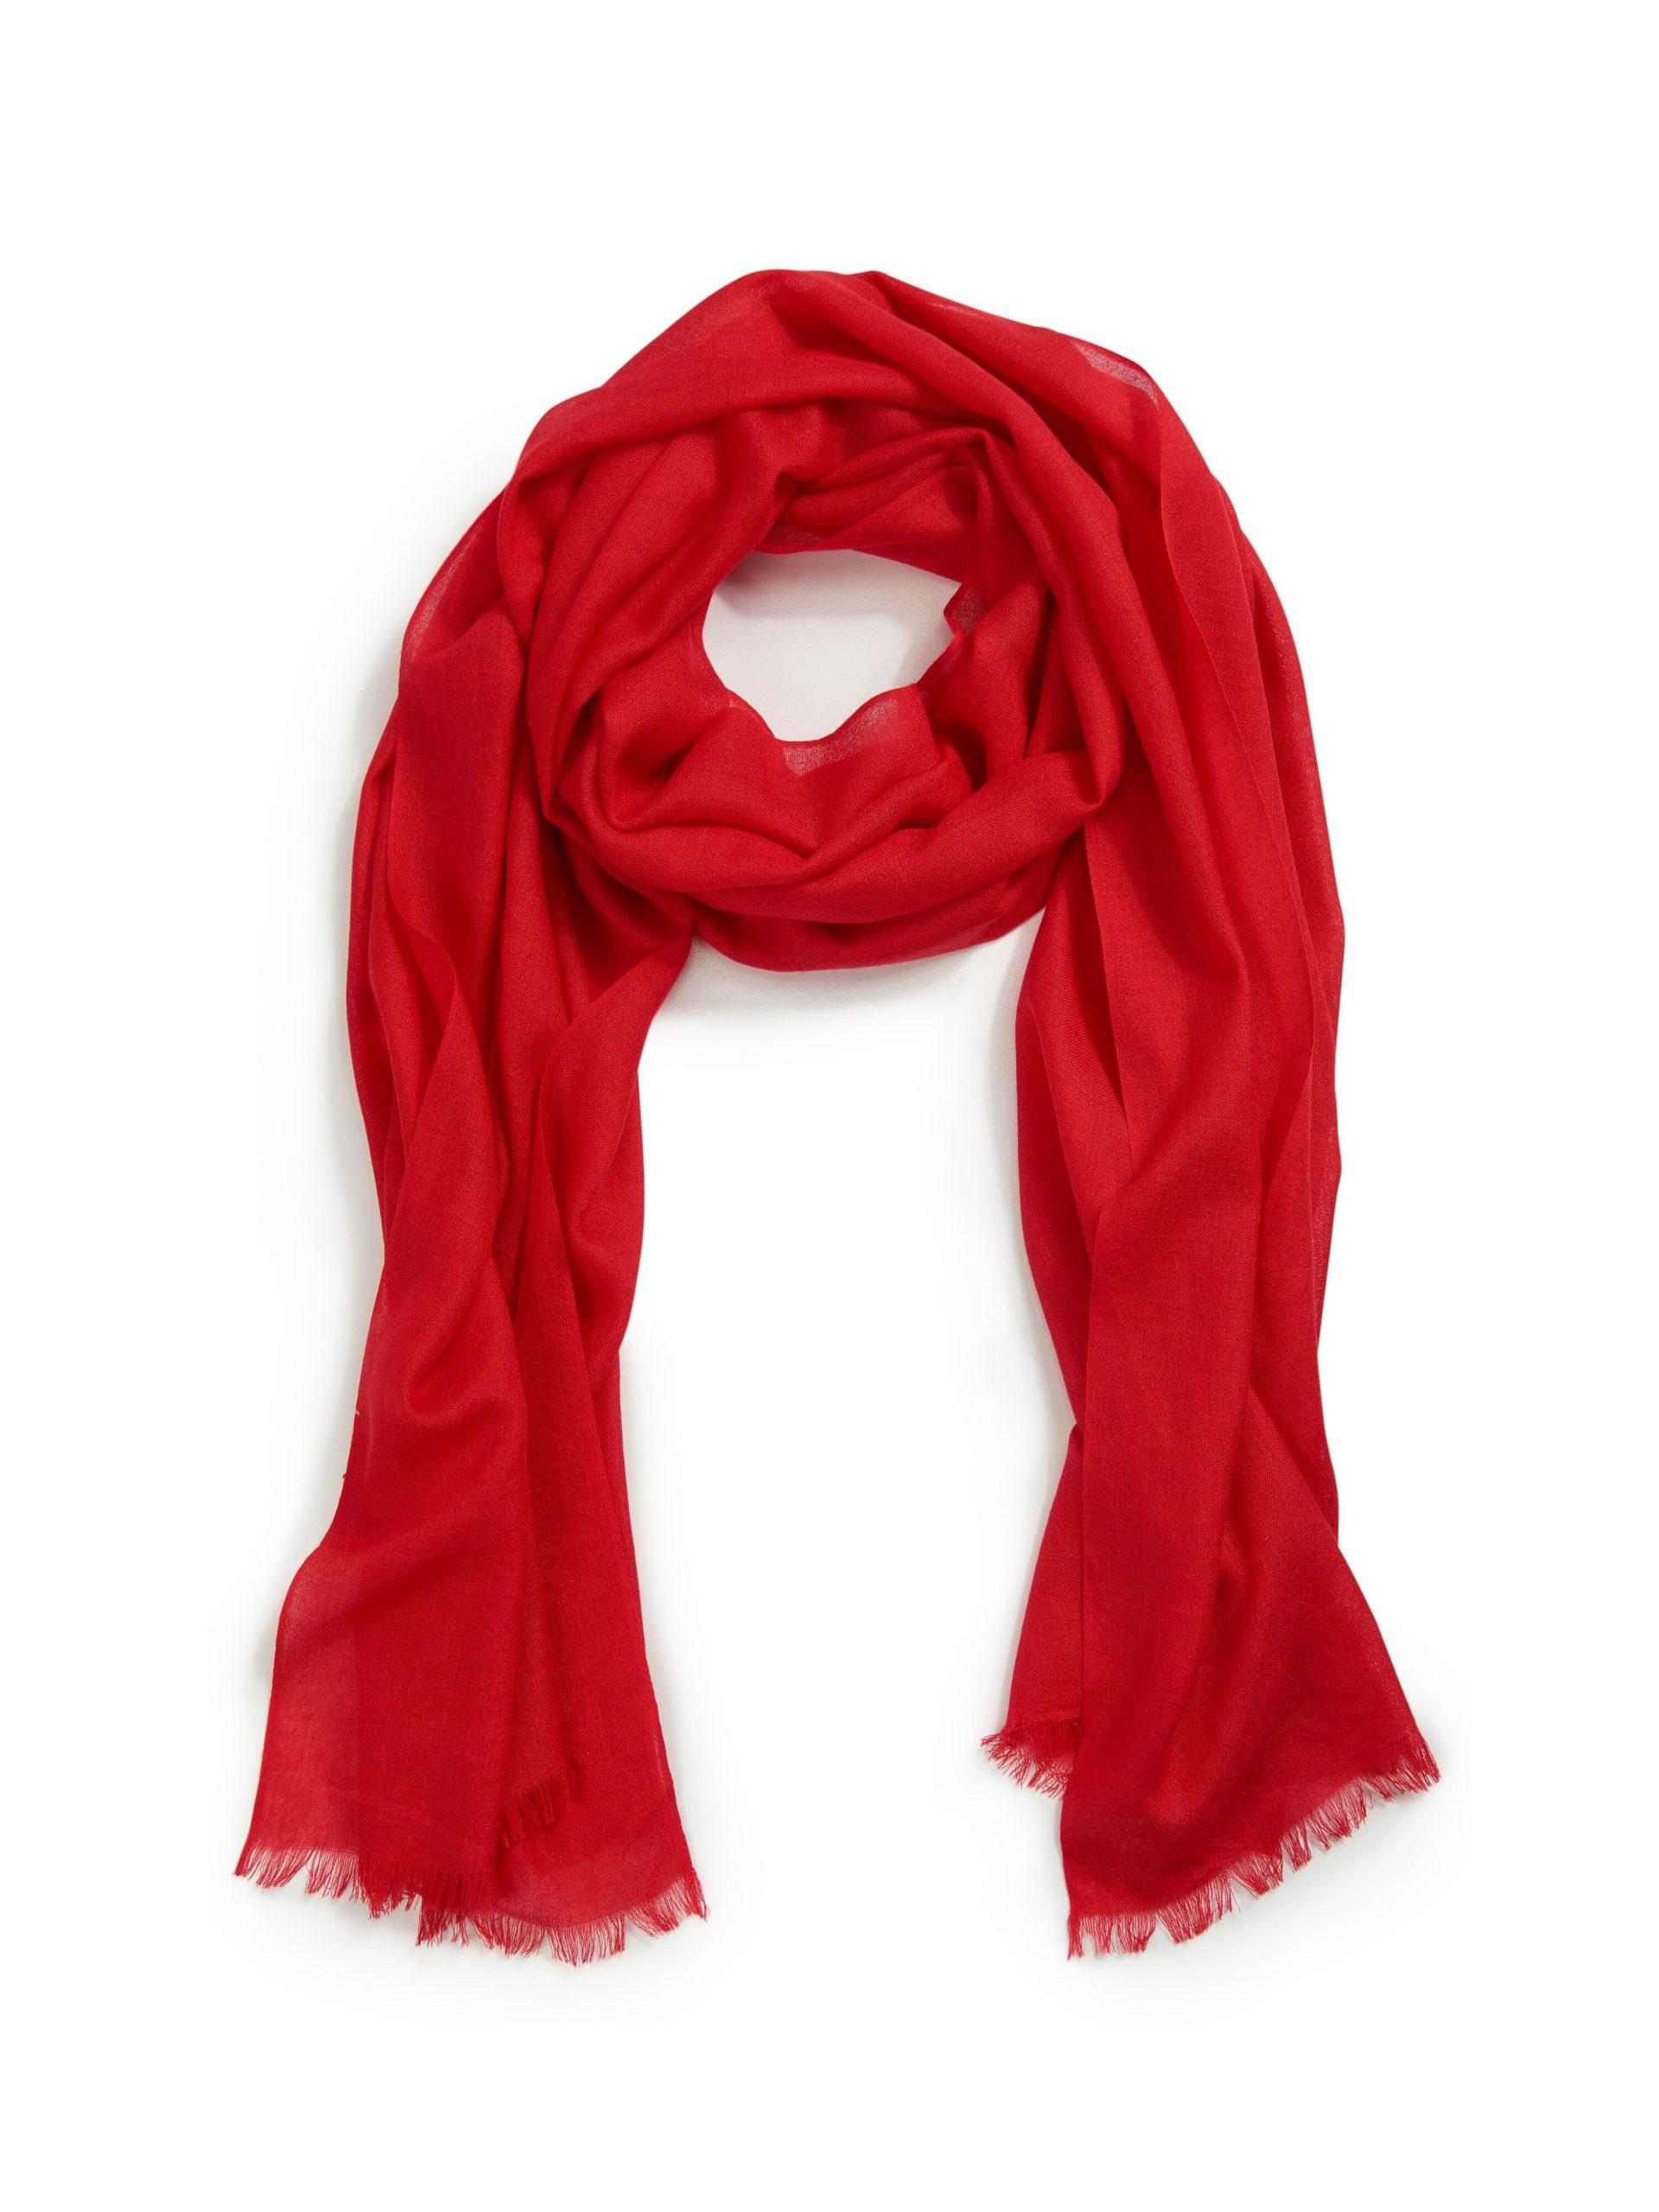 Sjaal Van Uta Raasch rood Kopen